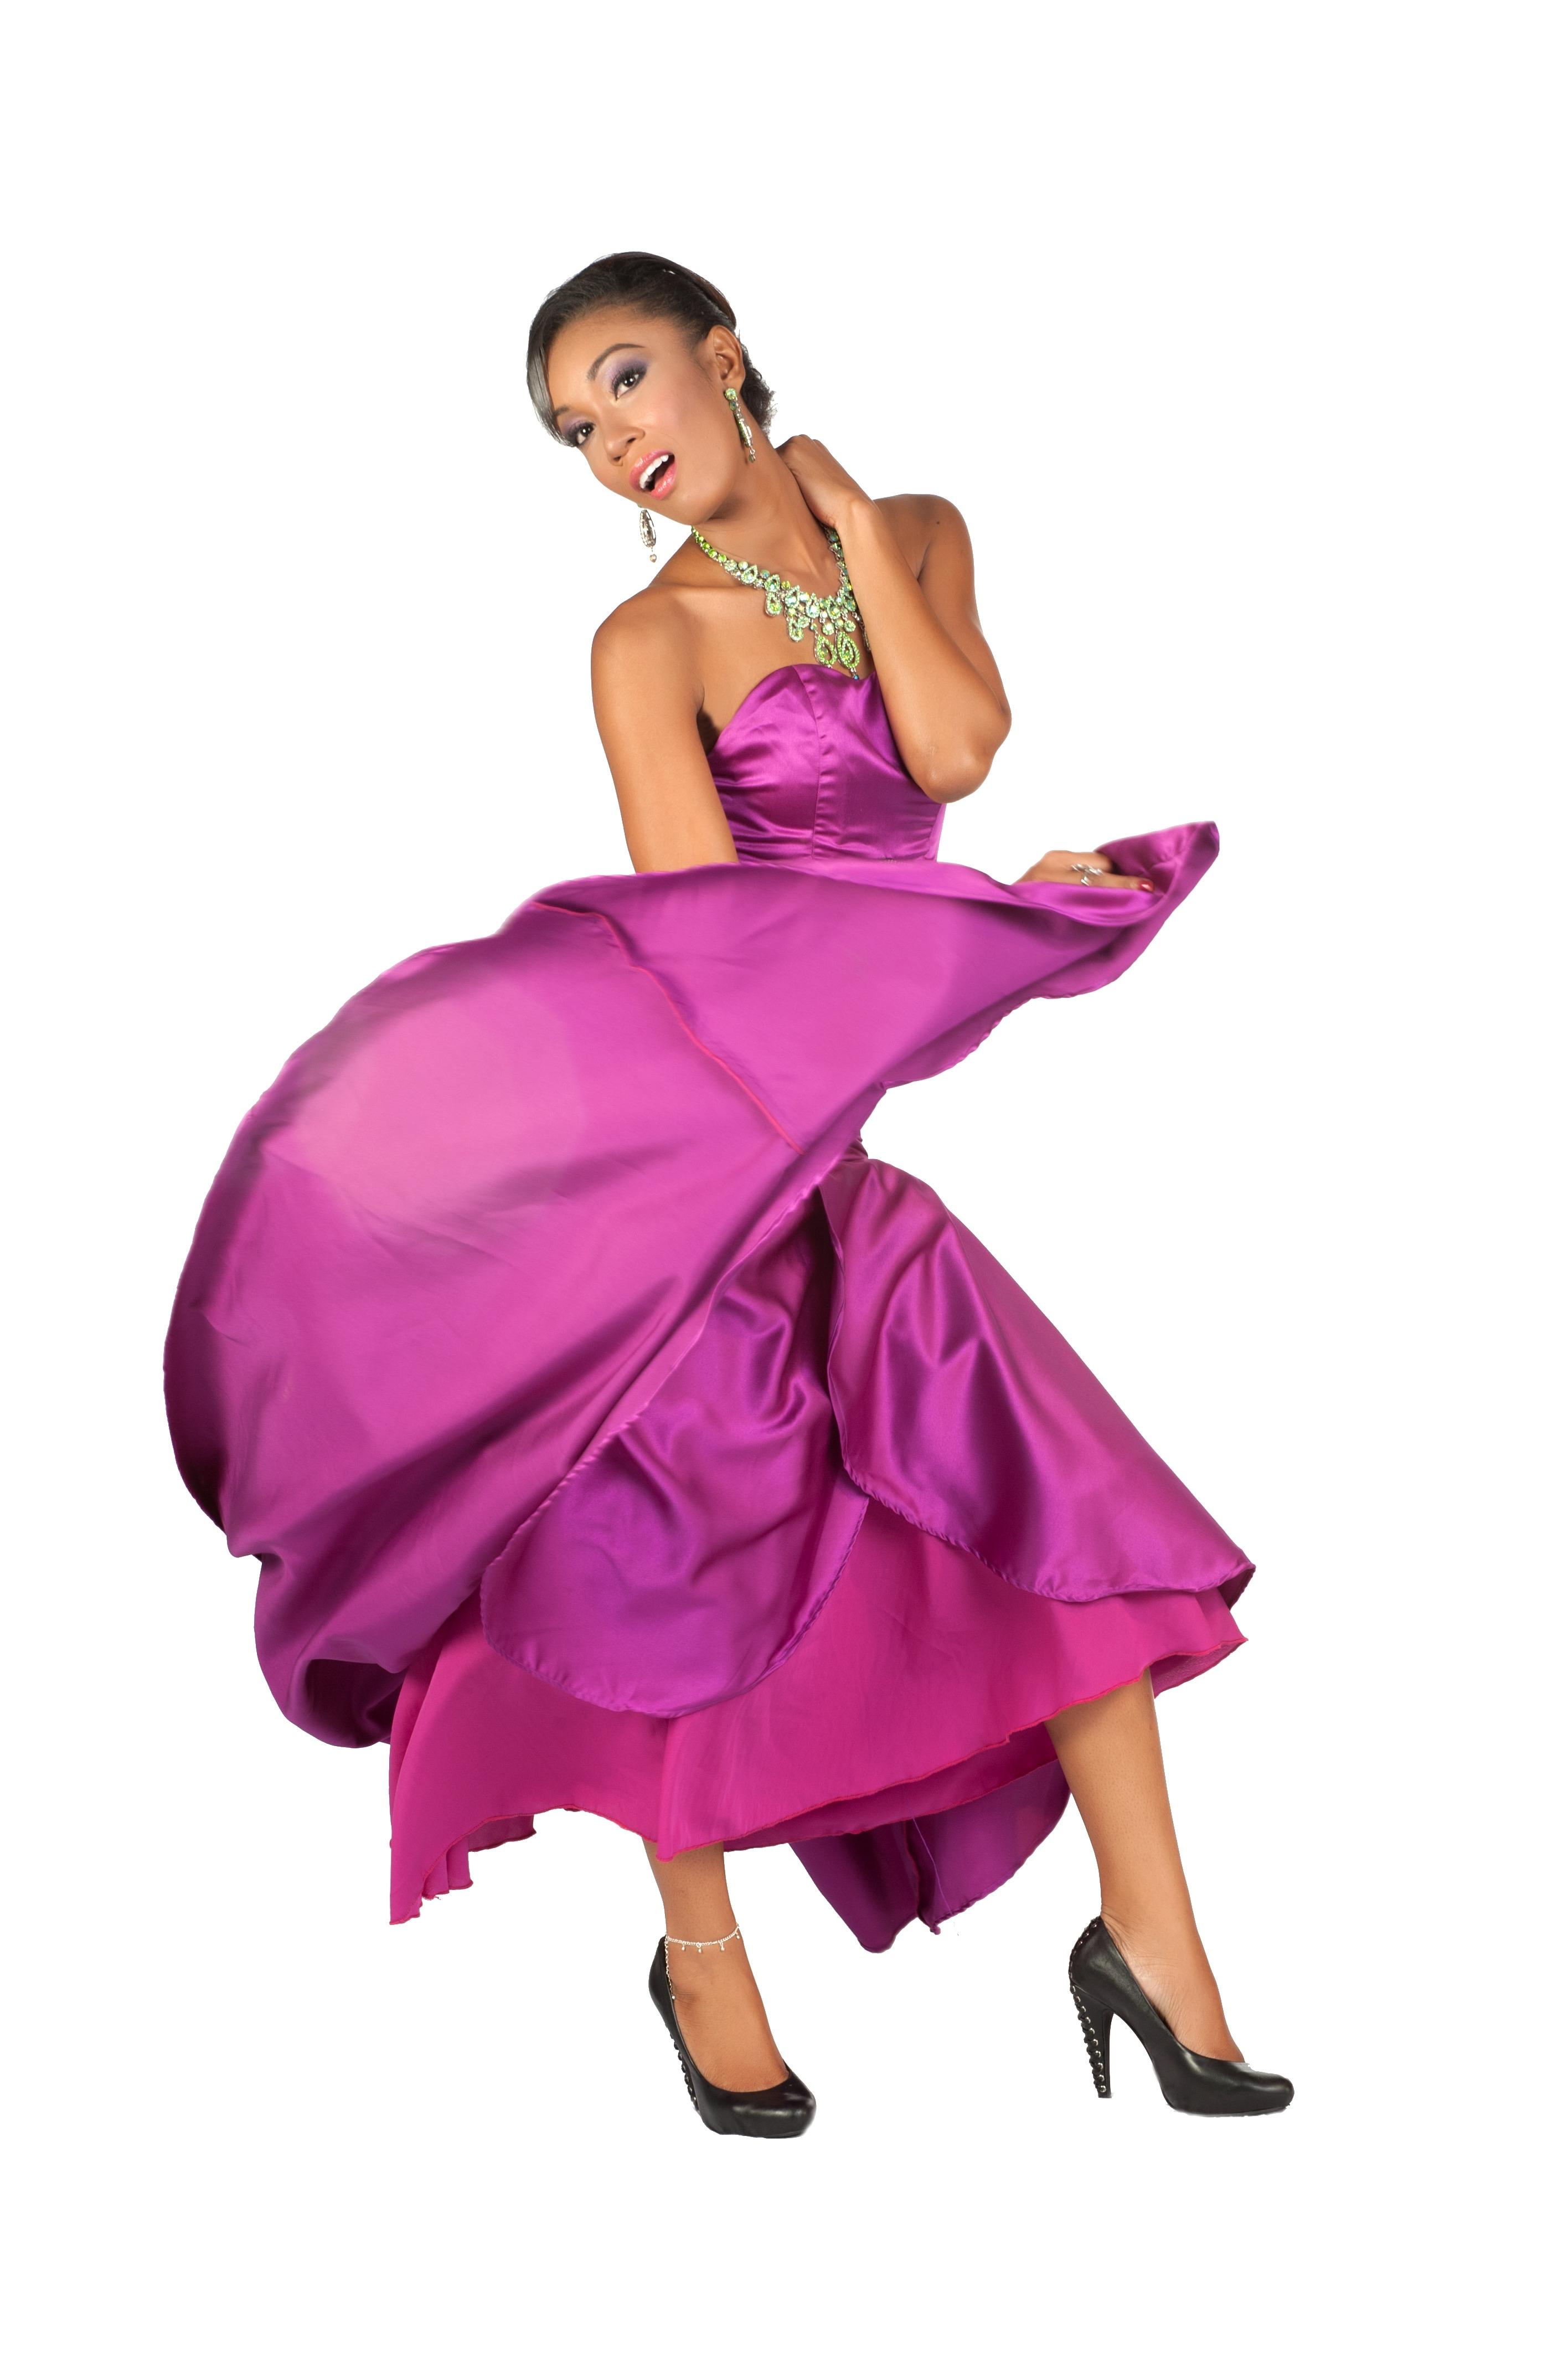 Эротика с моделями в шикарных вечерних платьях 16 фотография